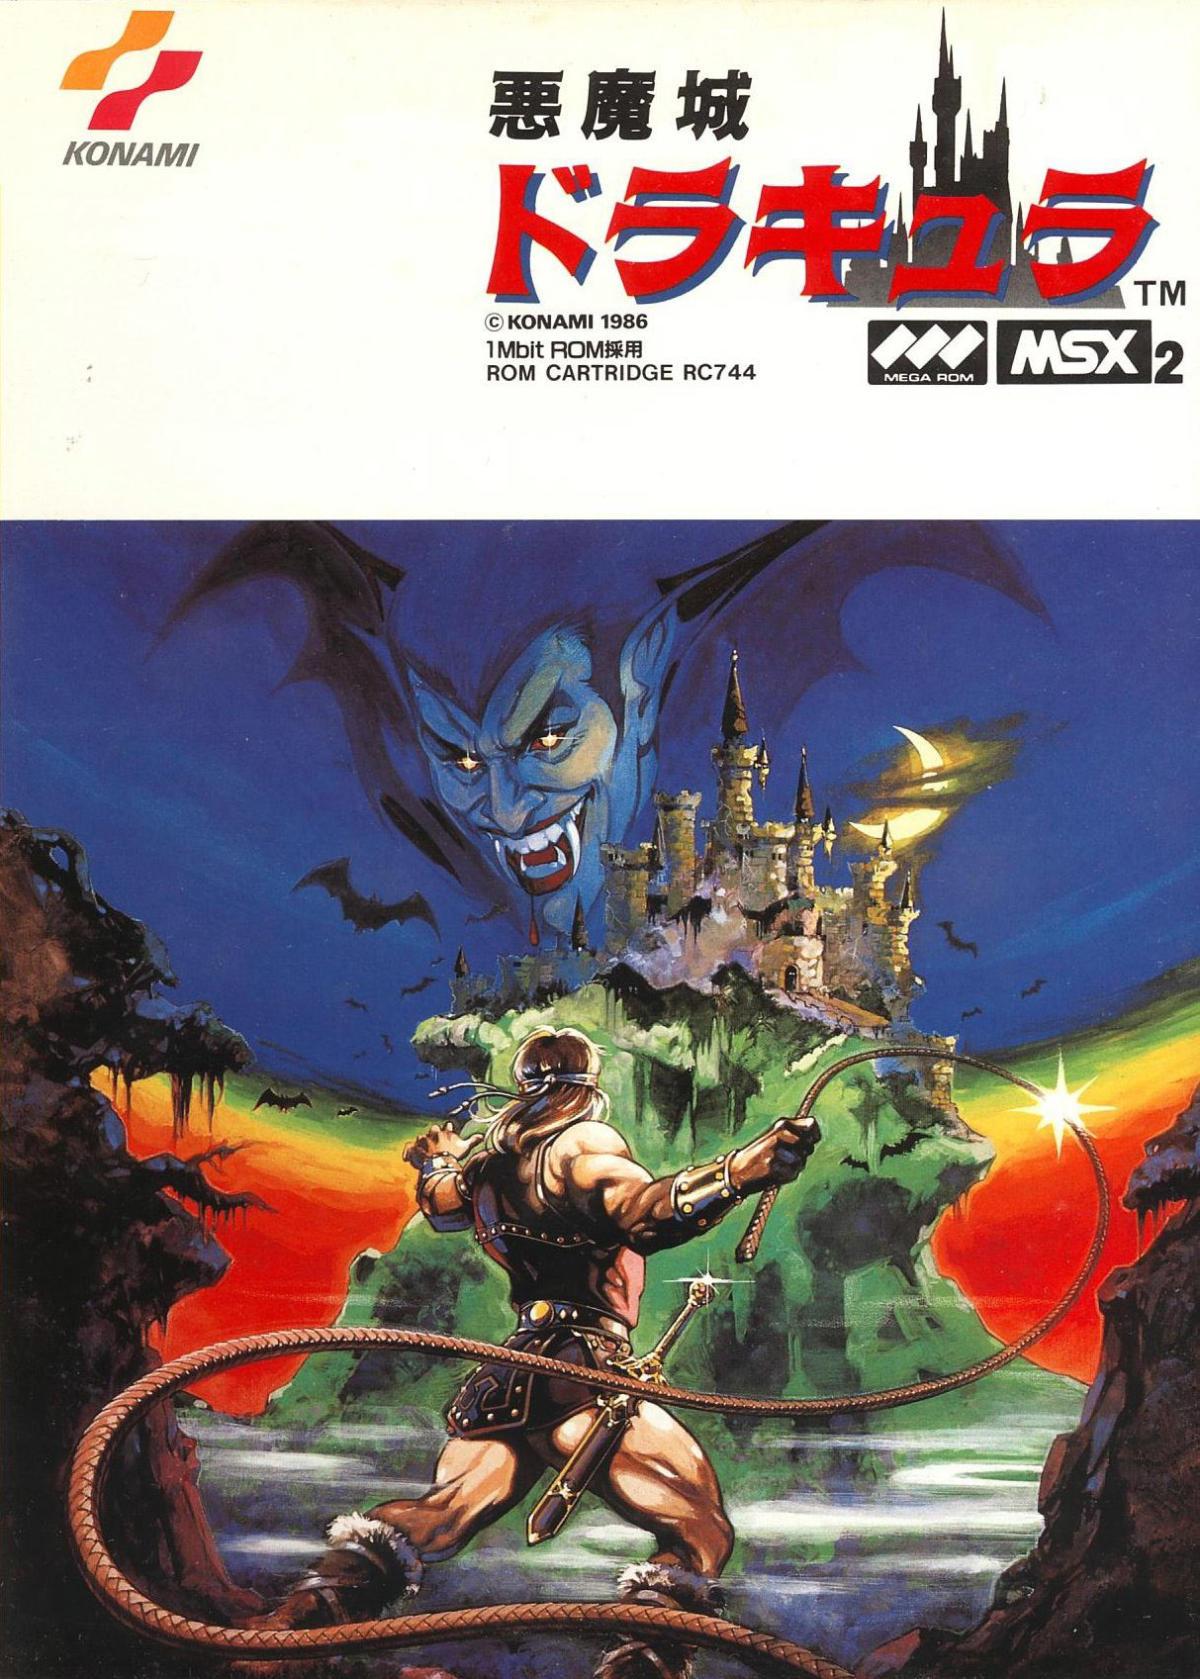 Visuel du premier Castlevania sorti en 1986.